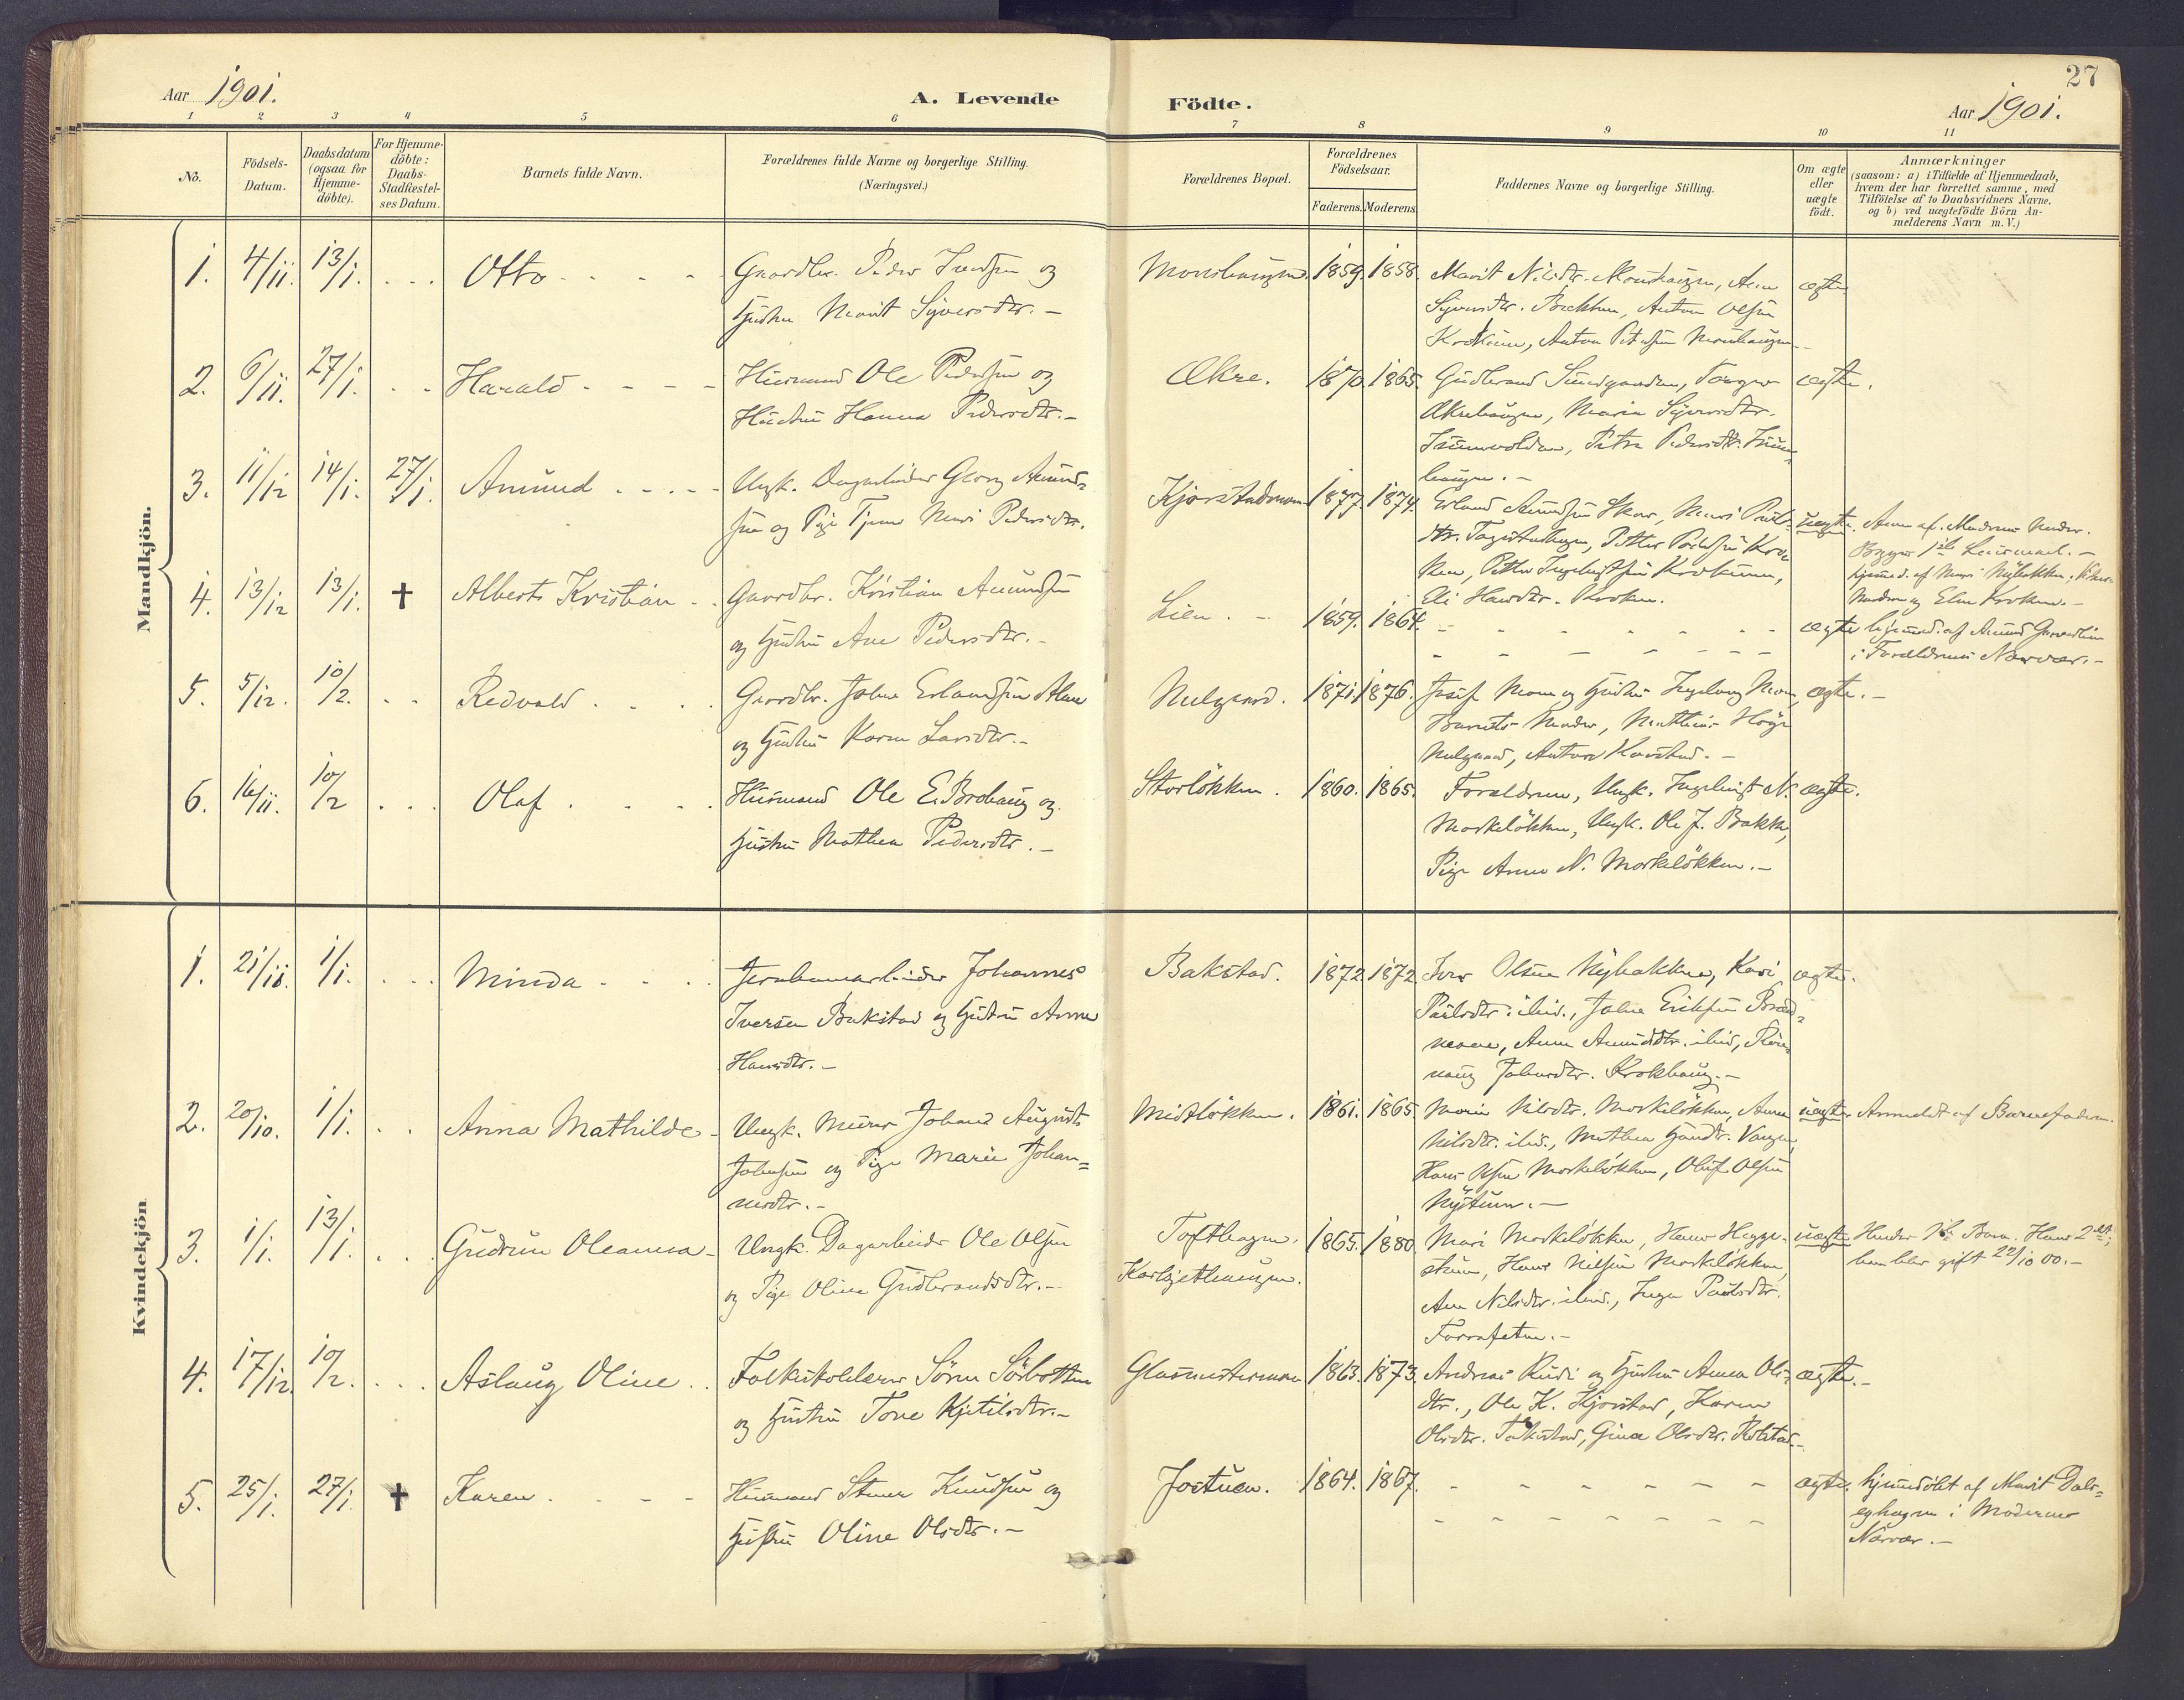 SAH, Sør-Fron prestekontor, H/Ha/Haa/L0004: Ministerialbok nr. 4, 1898-1919, s. 27